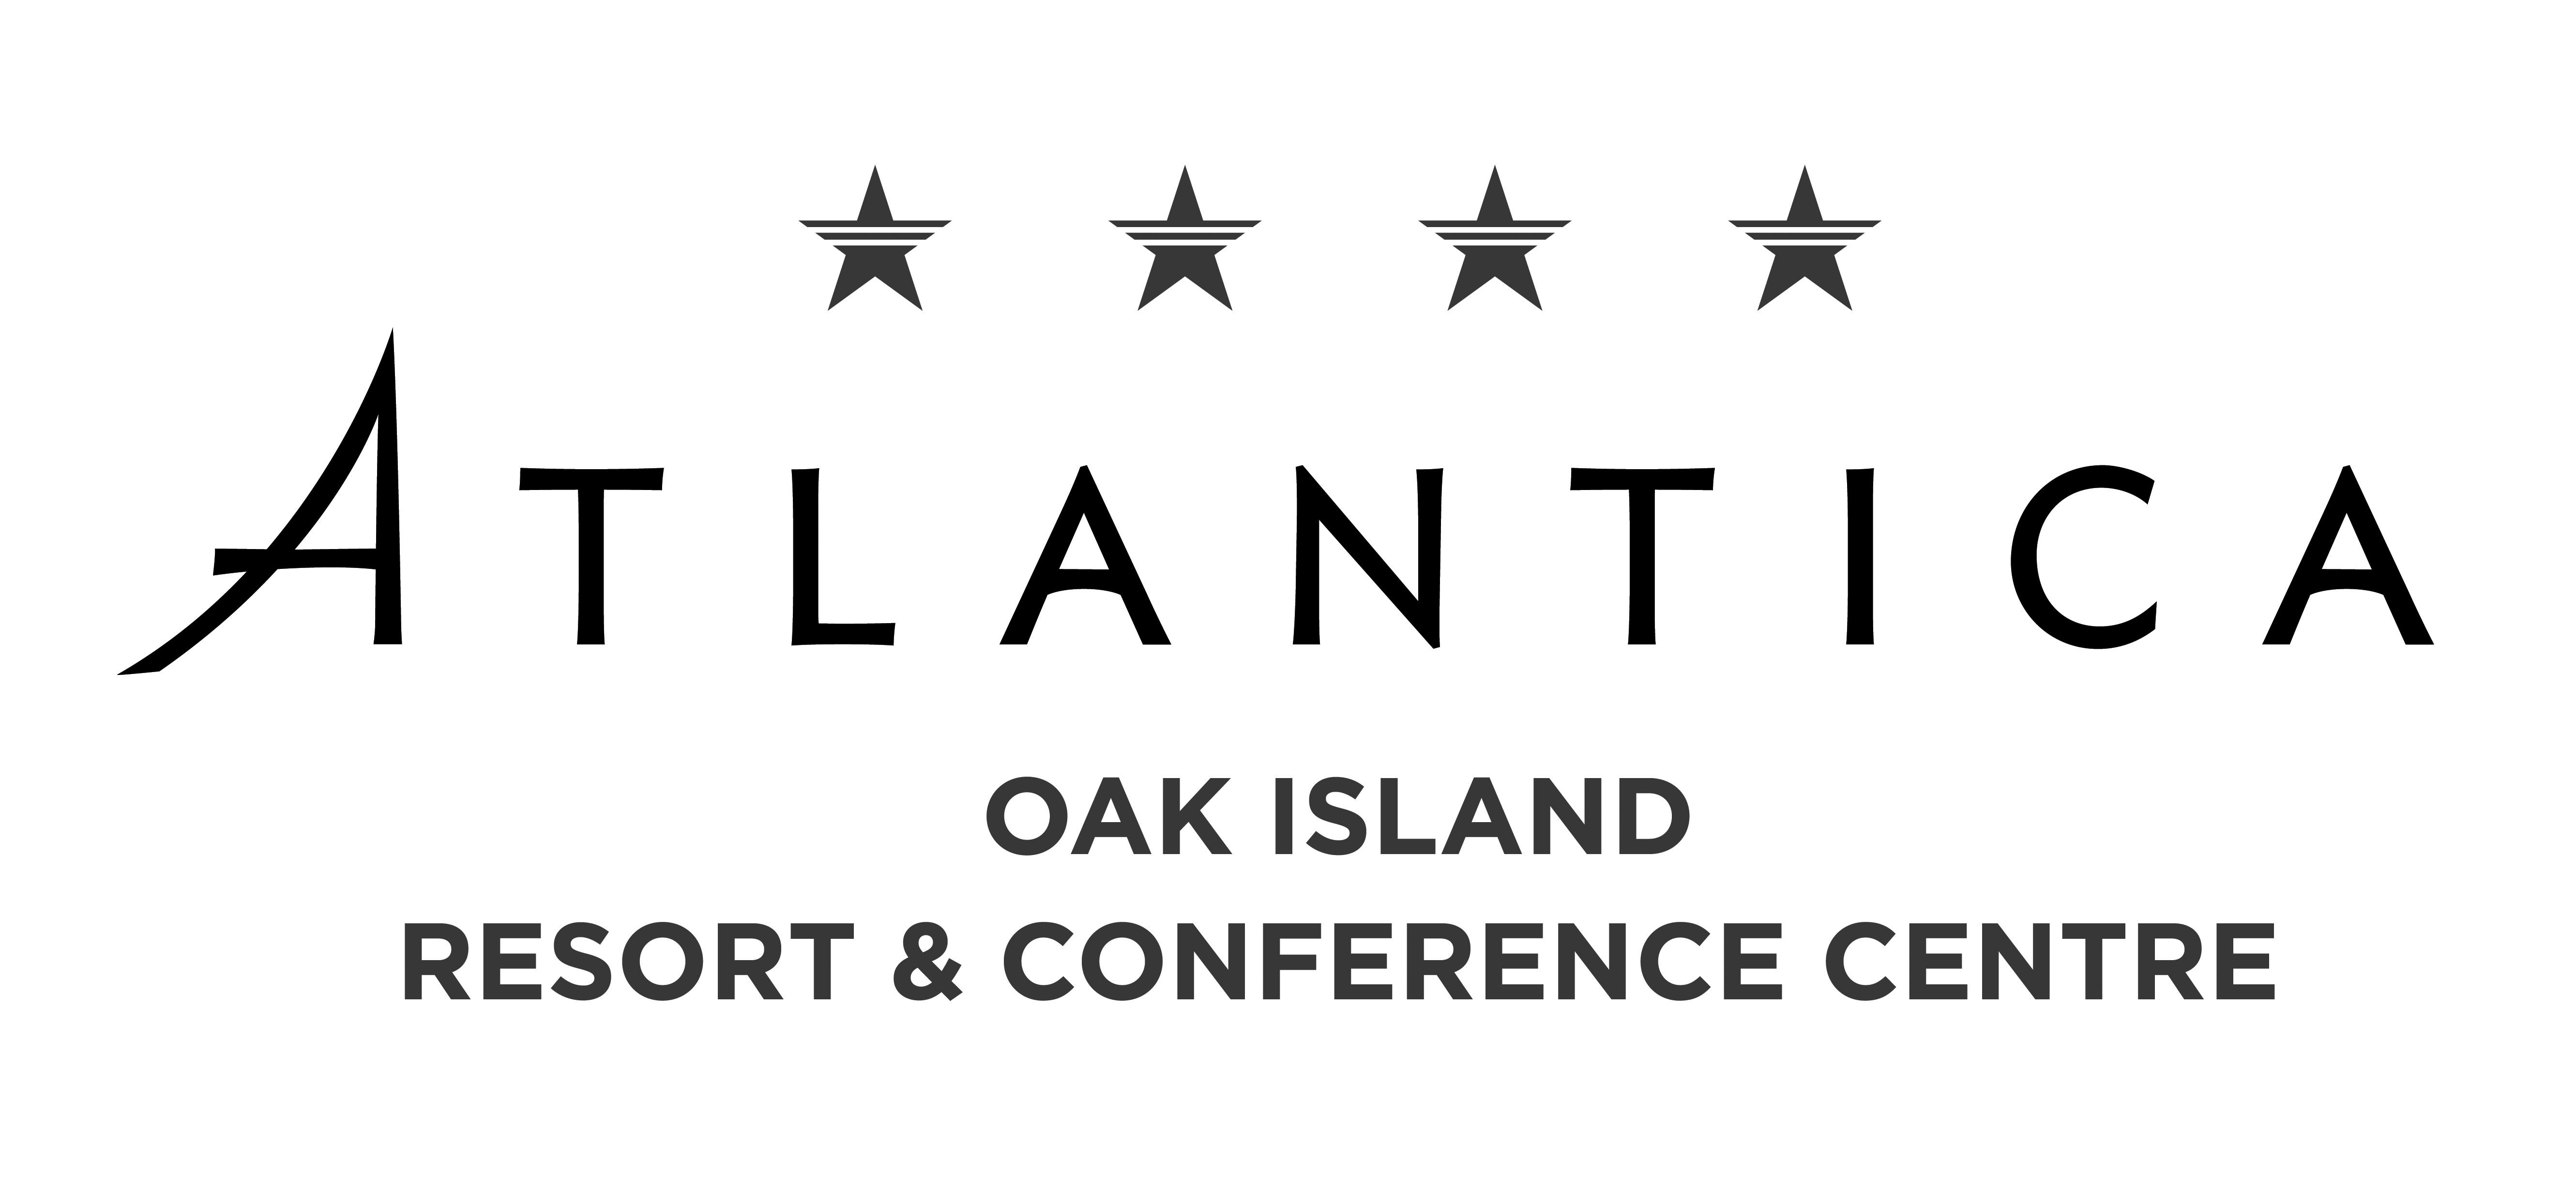 Atlantica Hotel & Marina Oak Island's